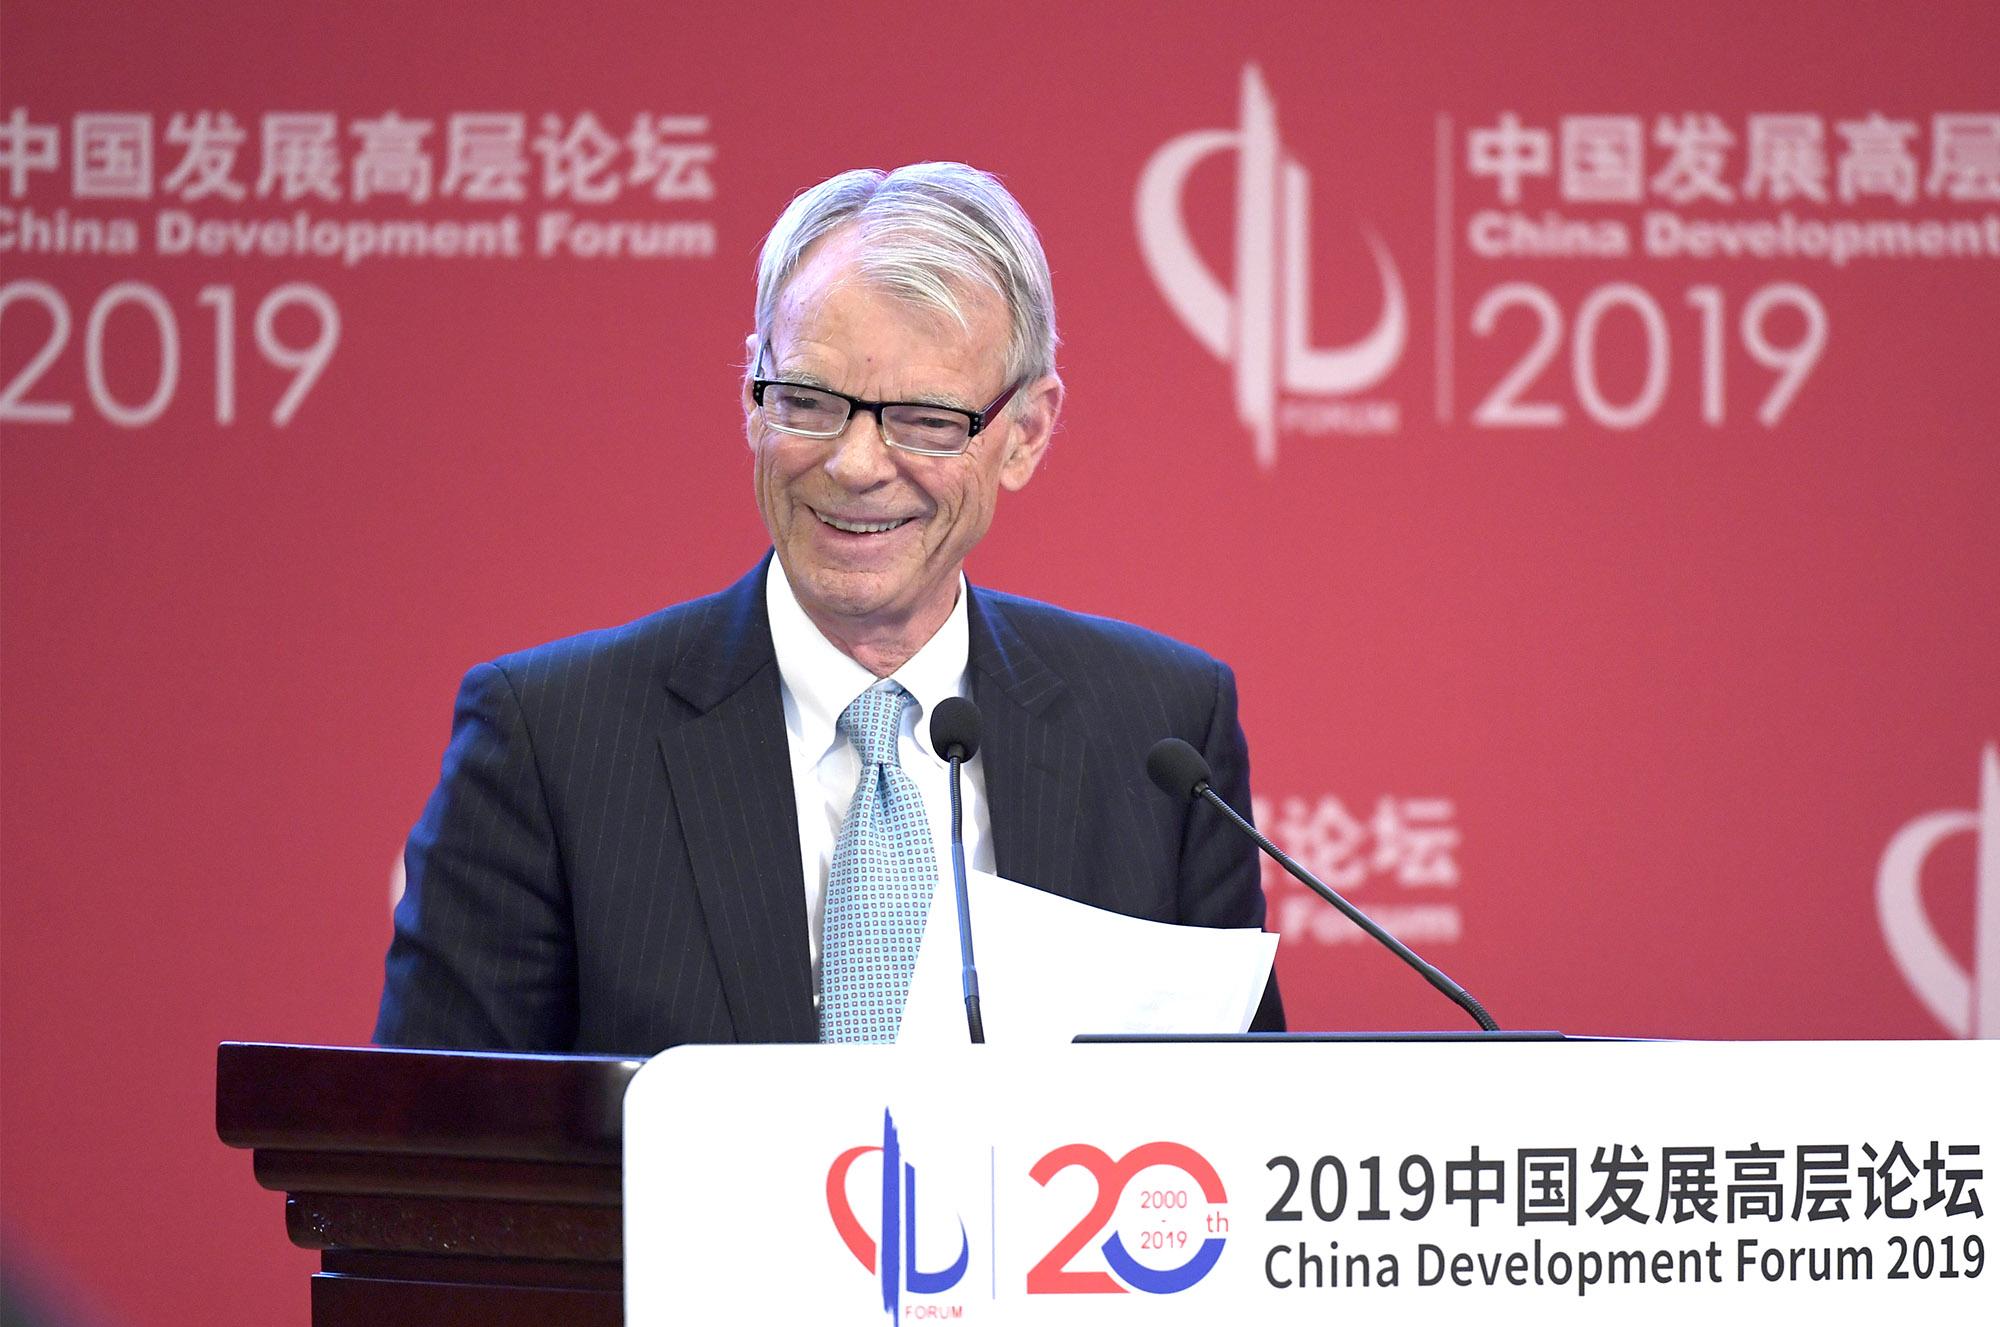 纽约大学教授;2001年诺贝尔经济学奖获得者迈克尔·斯宾塞发言